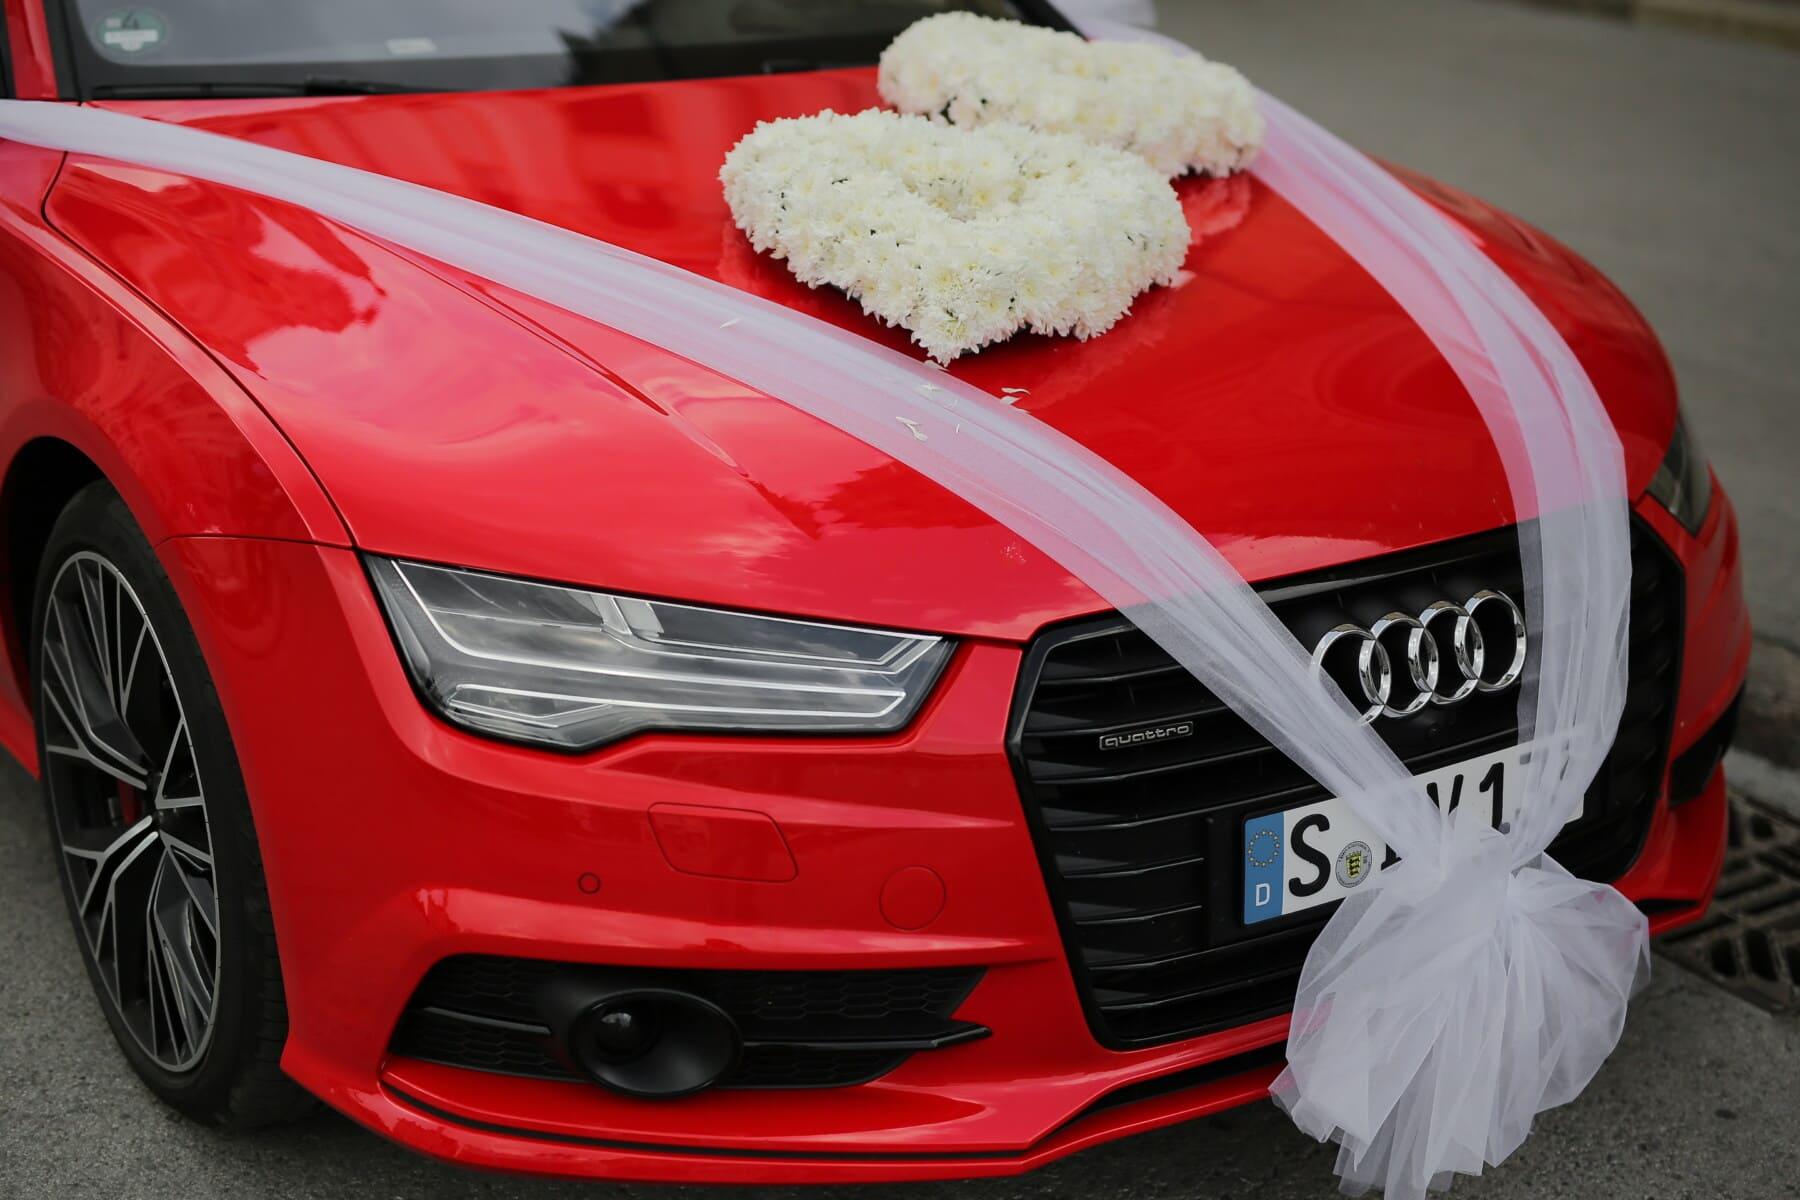 Audi, voiture de sport, rouge, mariage, bouquet de mariage, Roadster, automobile, automobile, Vitesse, voiture